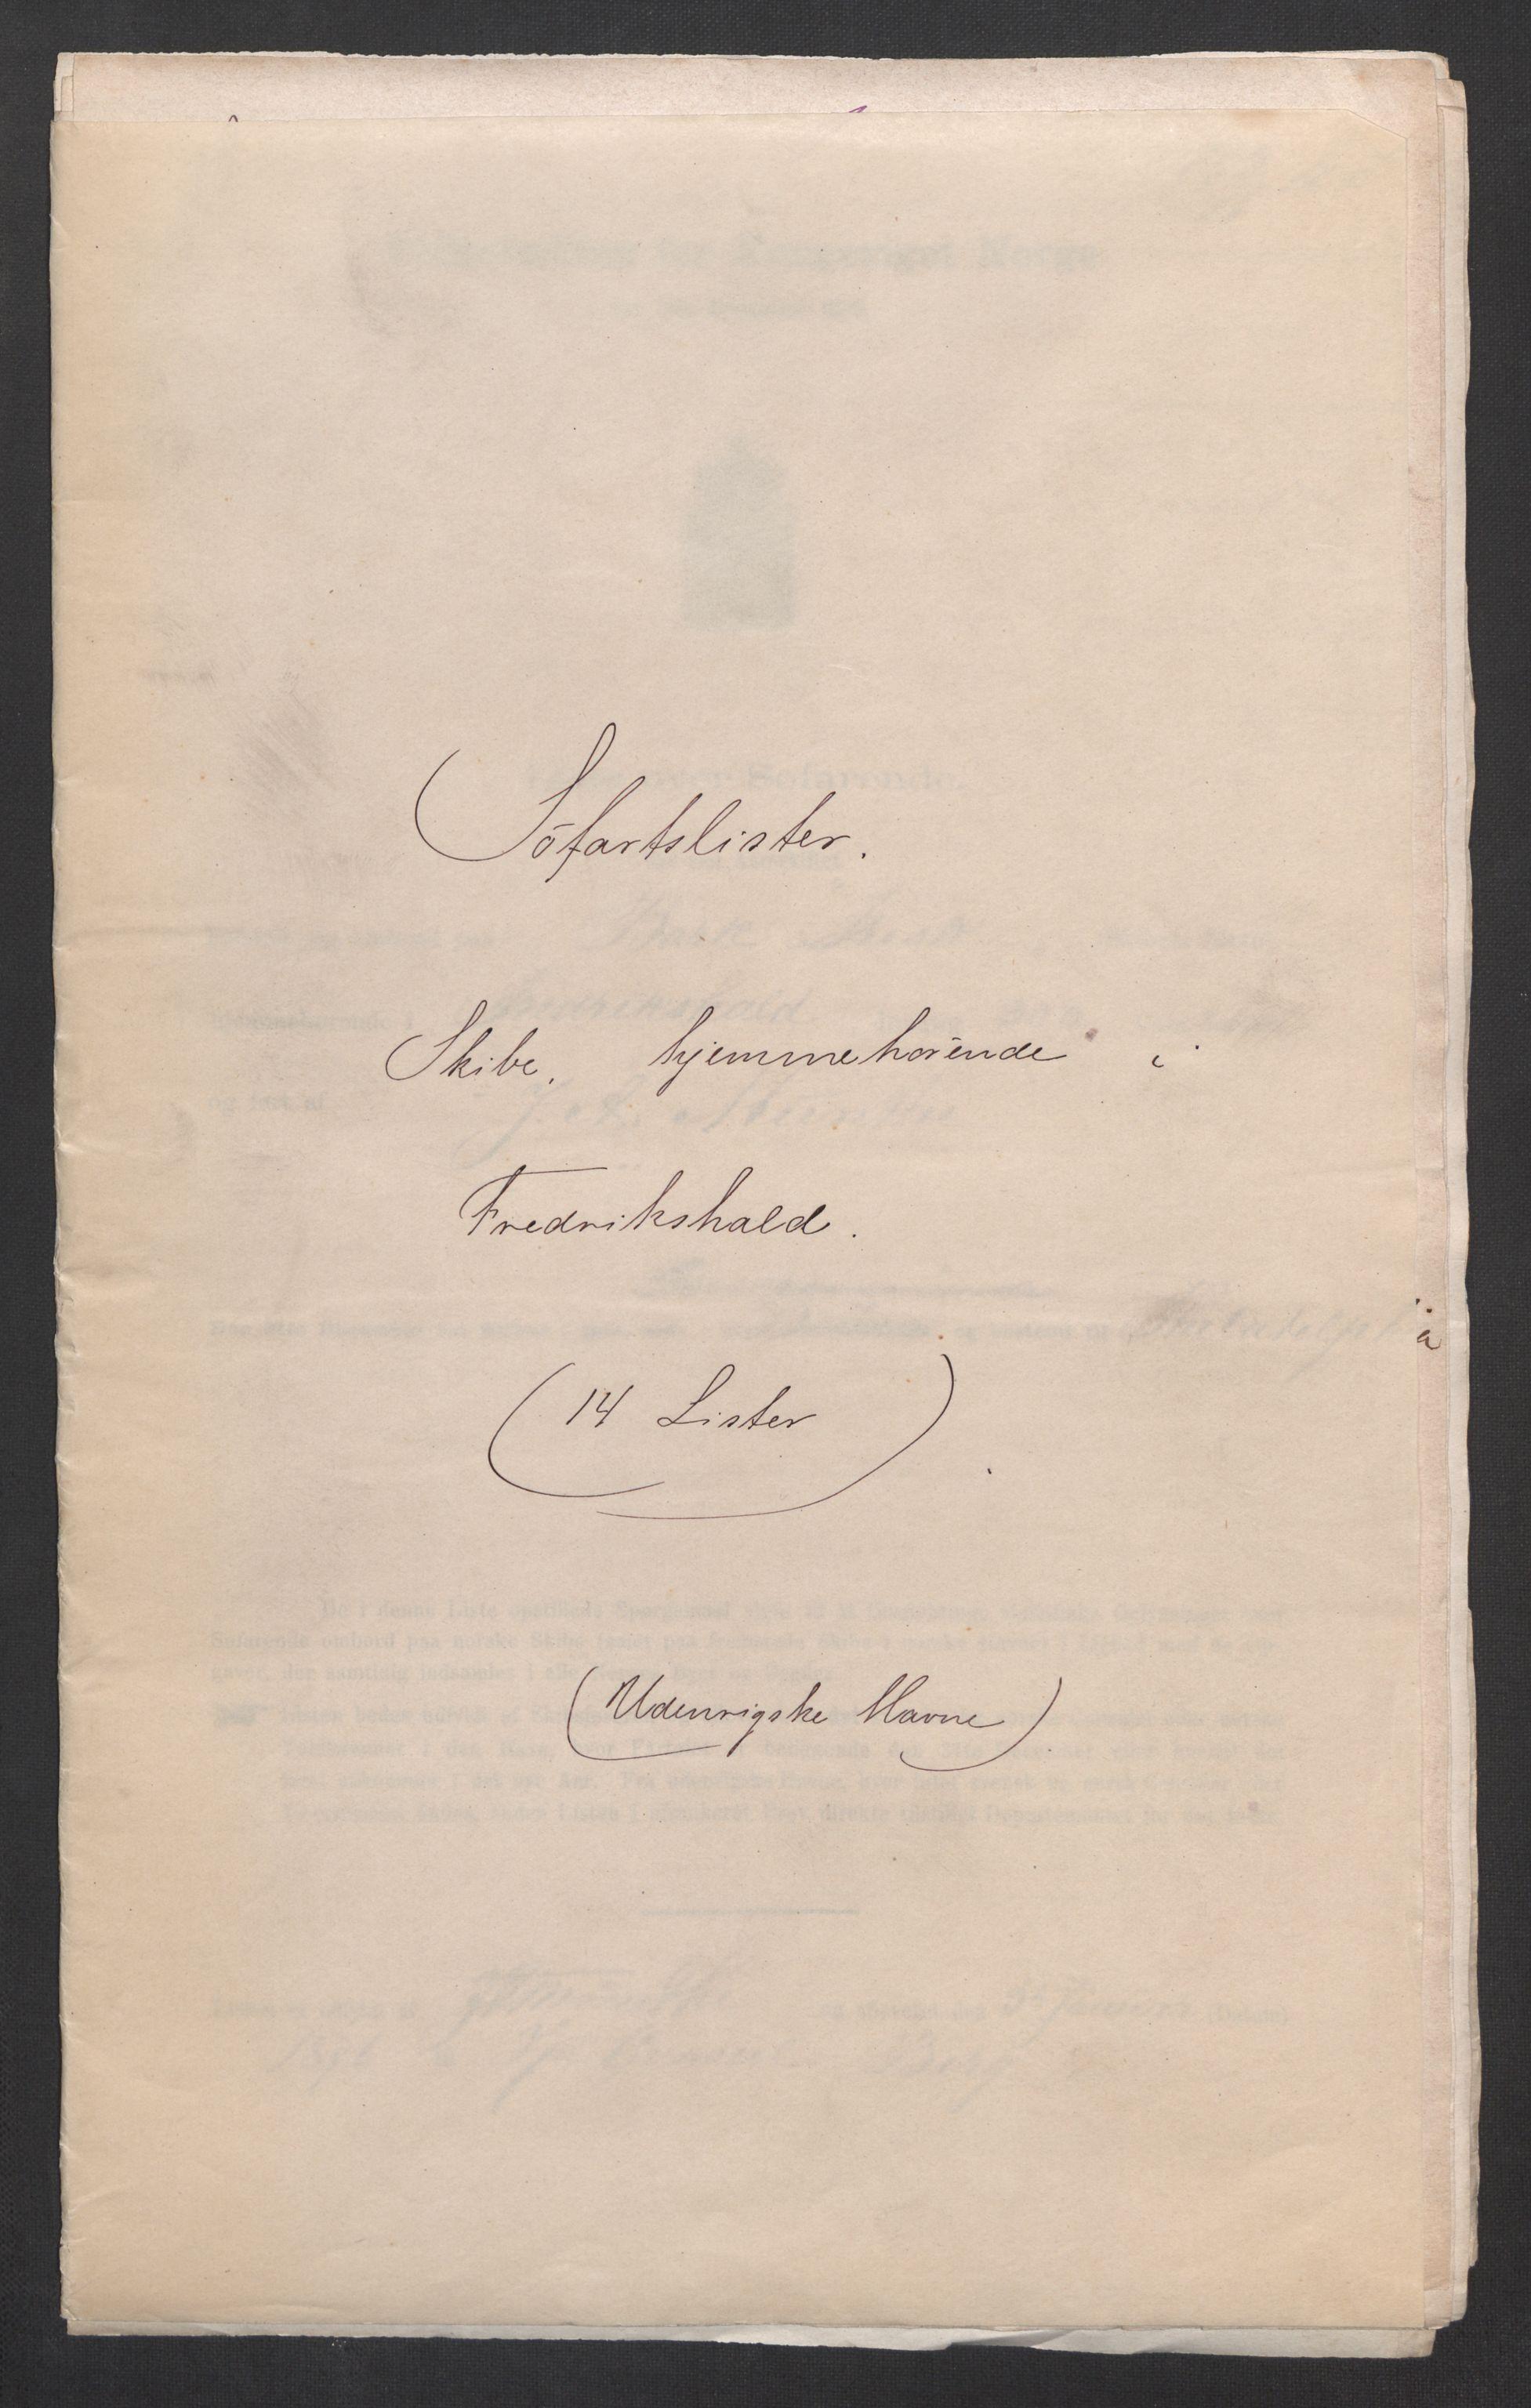 RA, Folketelling 1875, skipslister: Skip i utenrikske havner, hjemmehørende i byer og ladesteder, Fredrikshald - Arendal, 1875